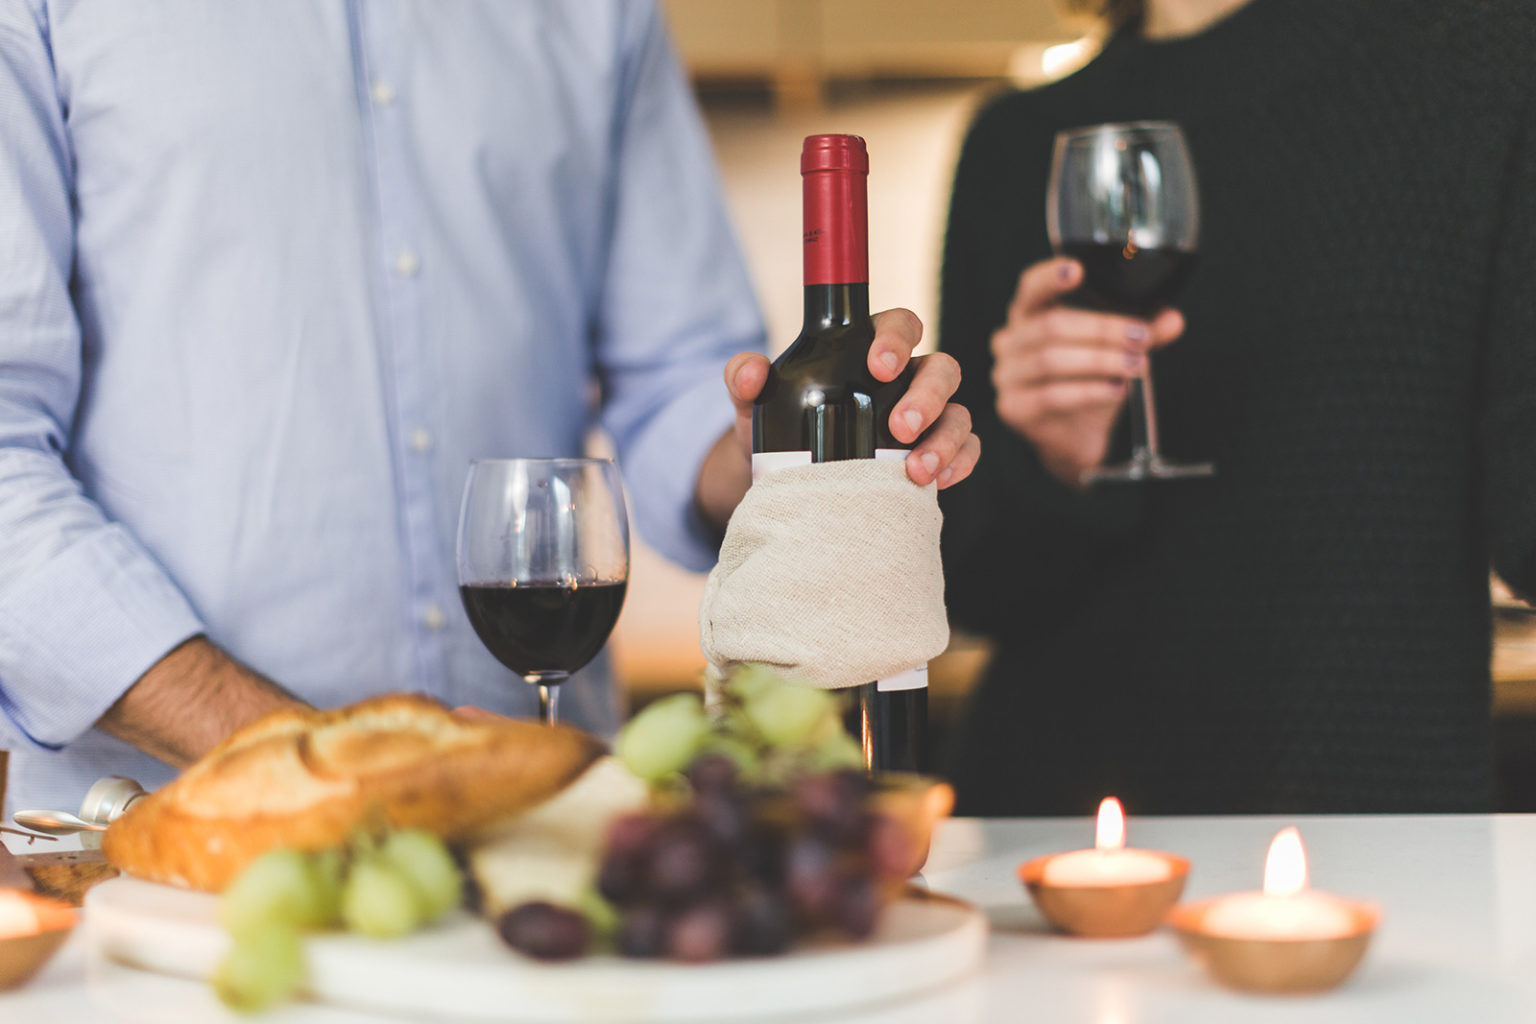 Weinkonsum und -absatz in Deutschland